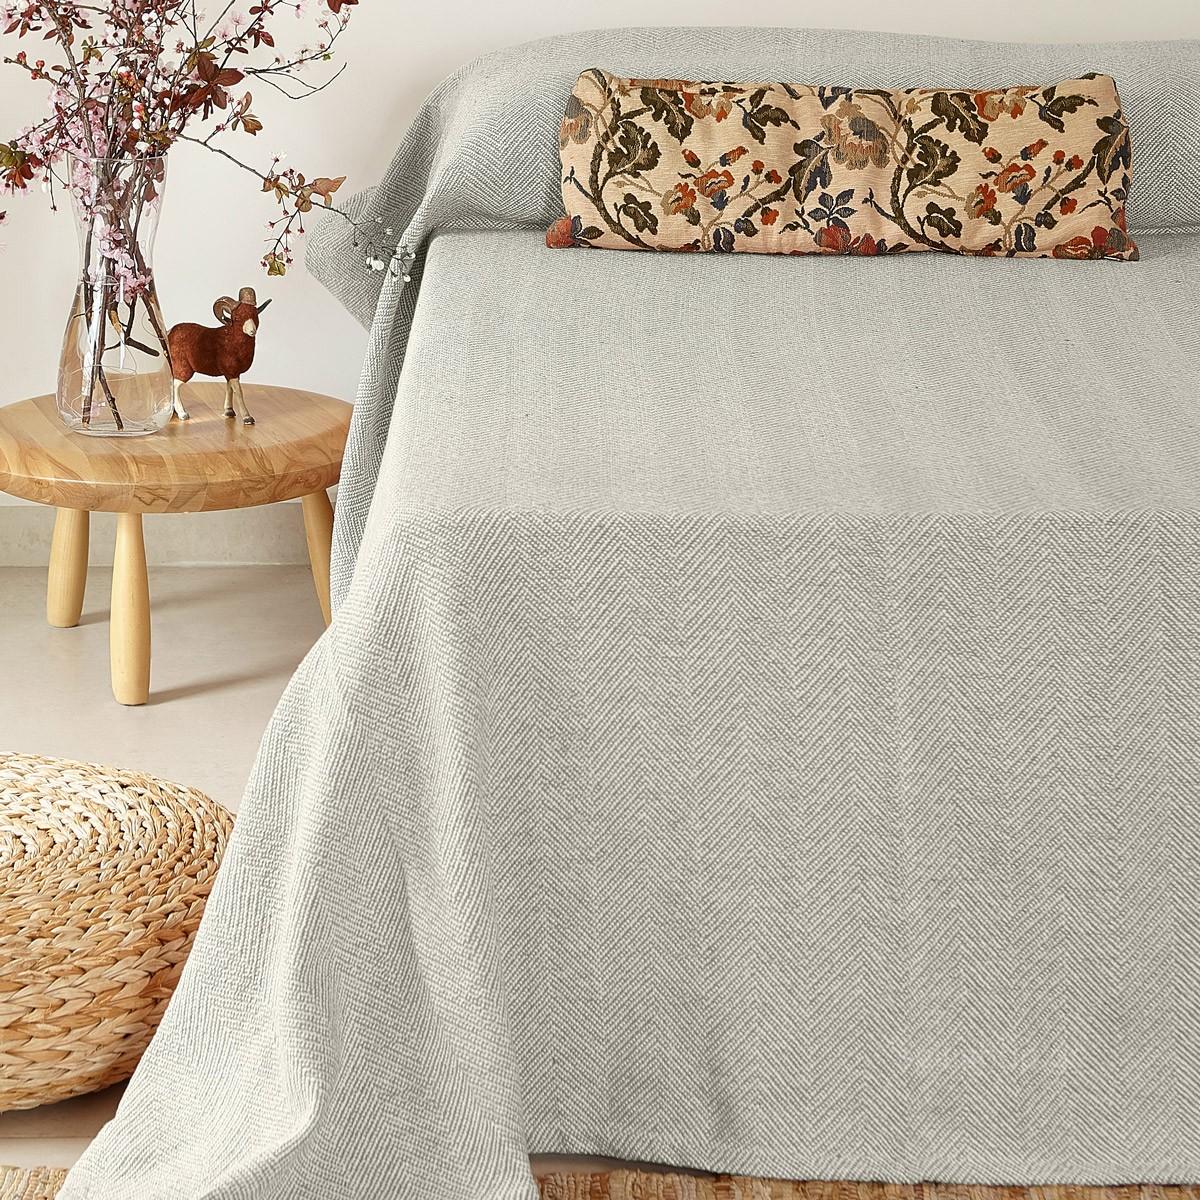 Κουβερτόριο Υπέρδιπλο Melinen Chevron Grey home   κρεβατοκάμαρα   κουβέρτες   κουβέρτες καλοκαιρινές υπέρδιπλες